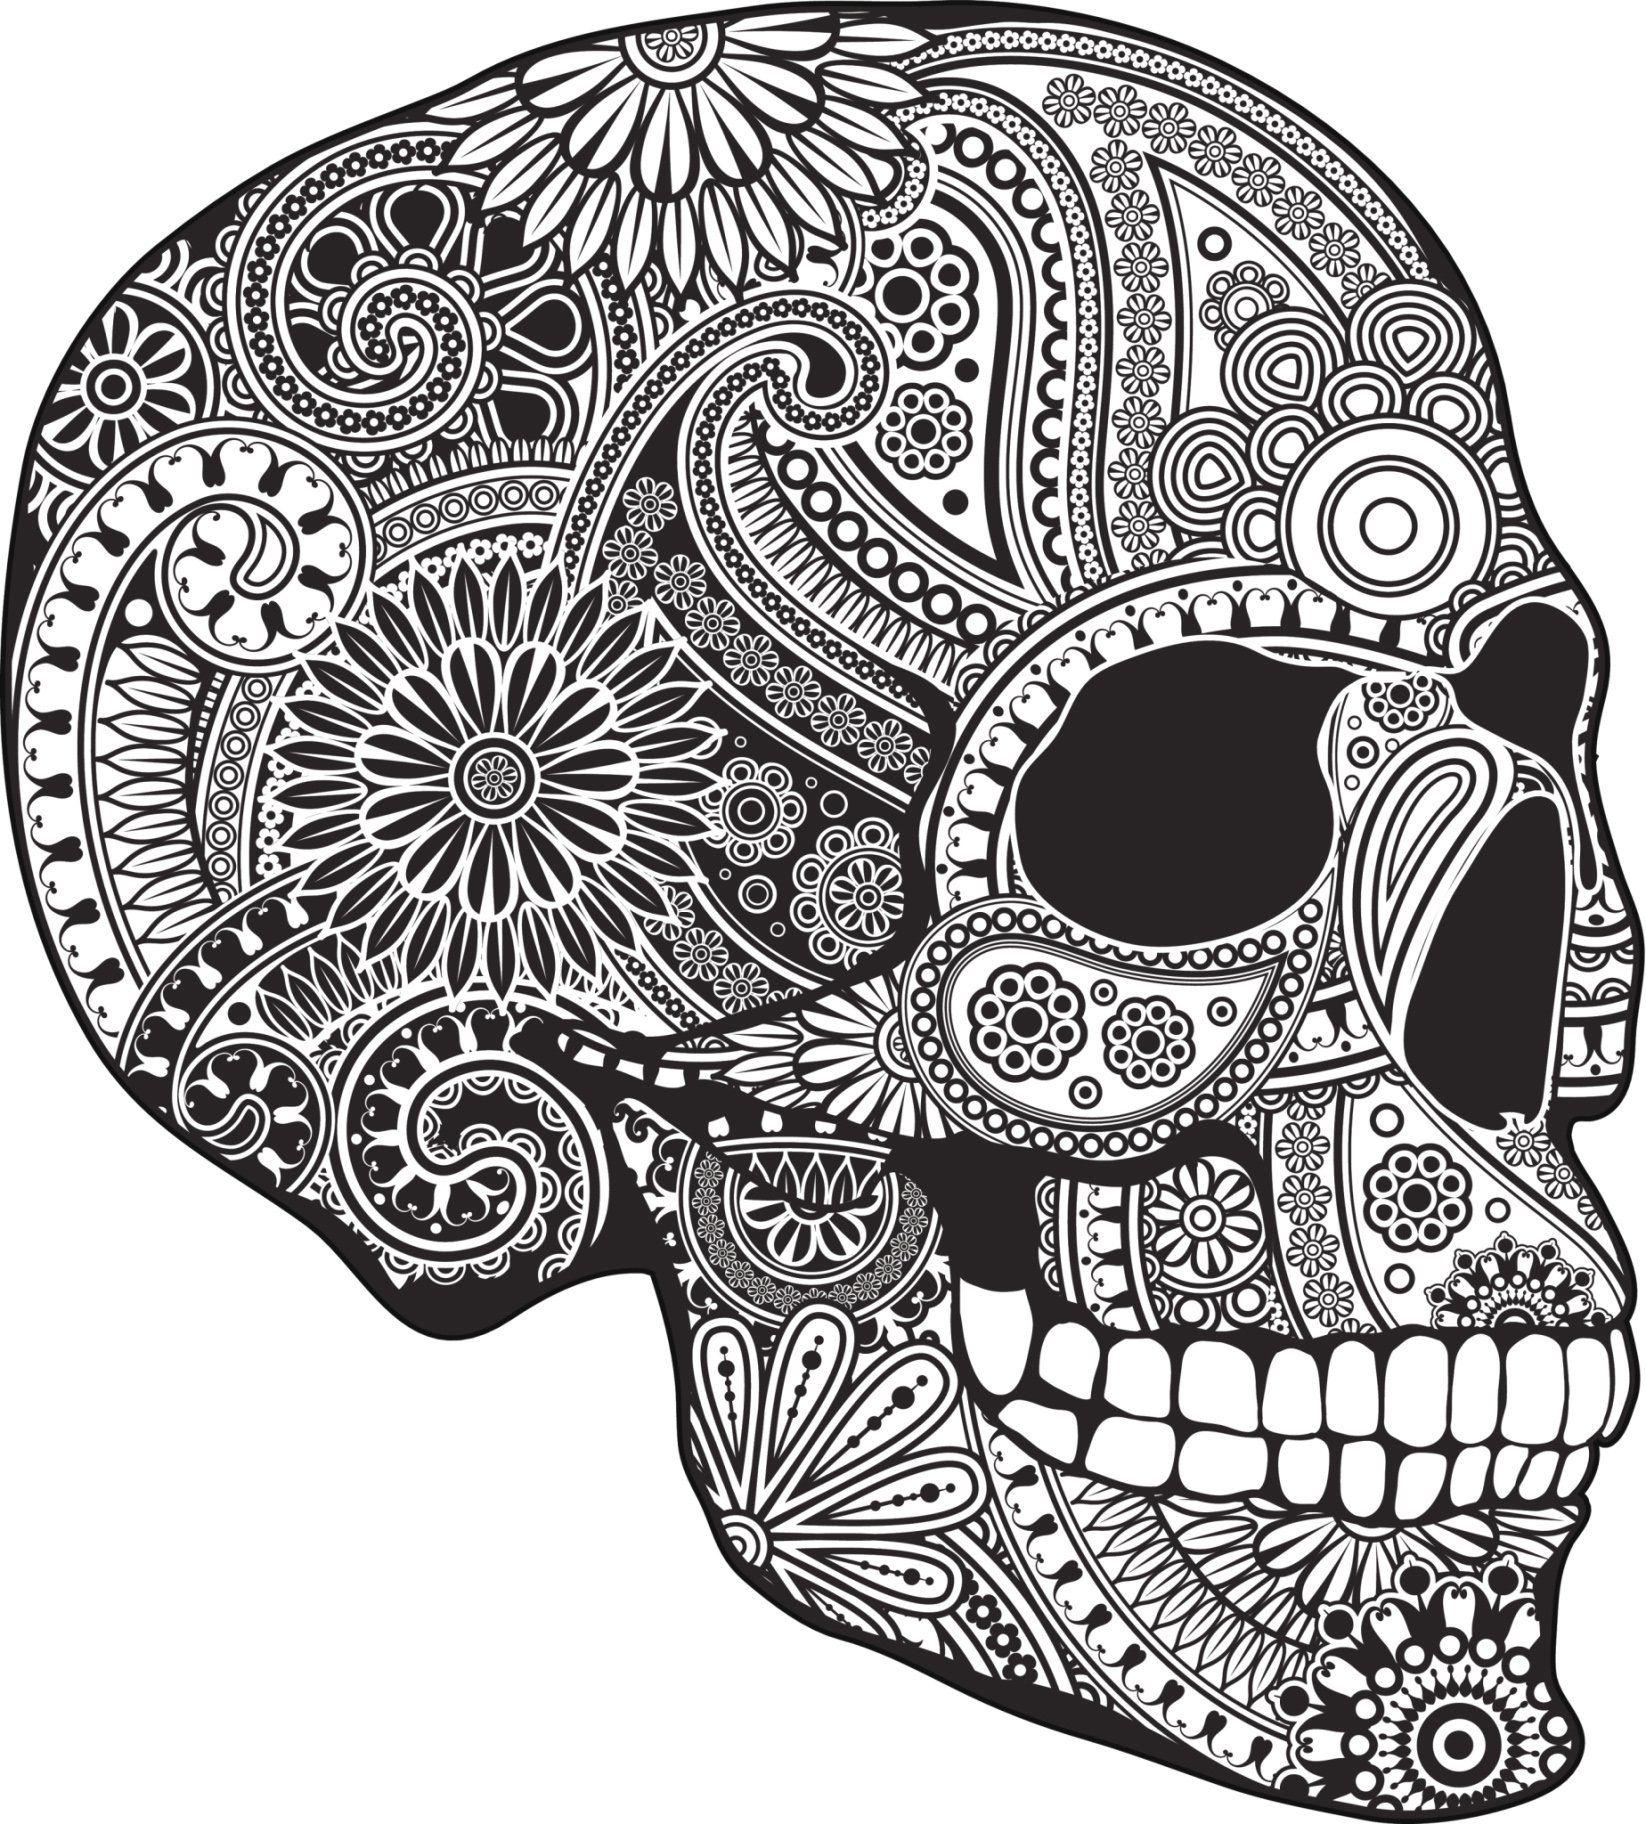 Sugar Skull Bleached Bones - Copyrighted Mixed Media - Sugar Skull ...